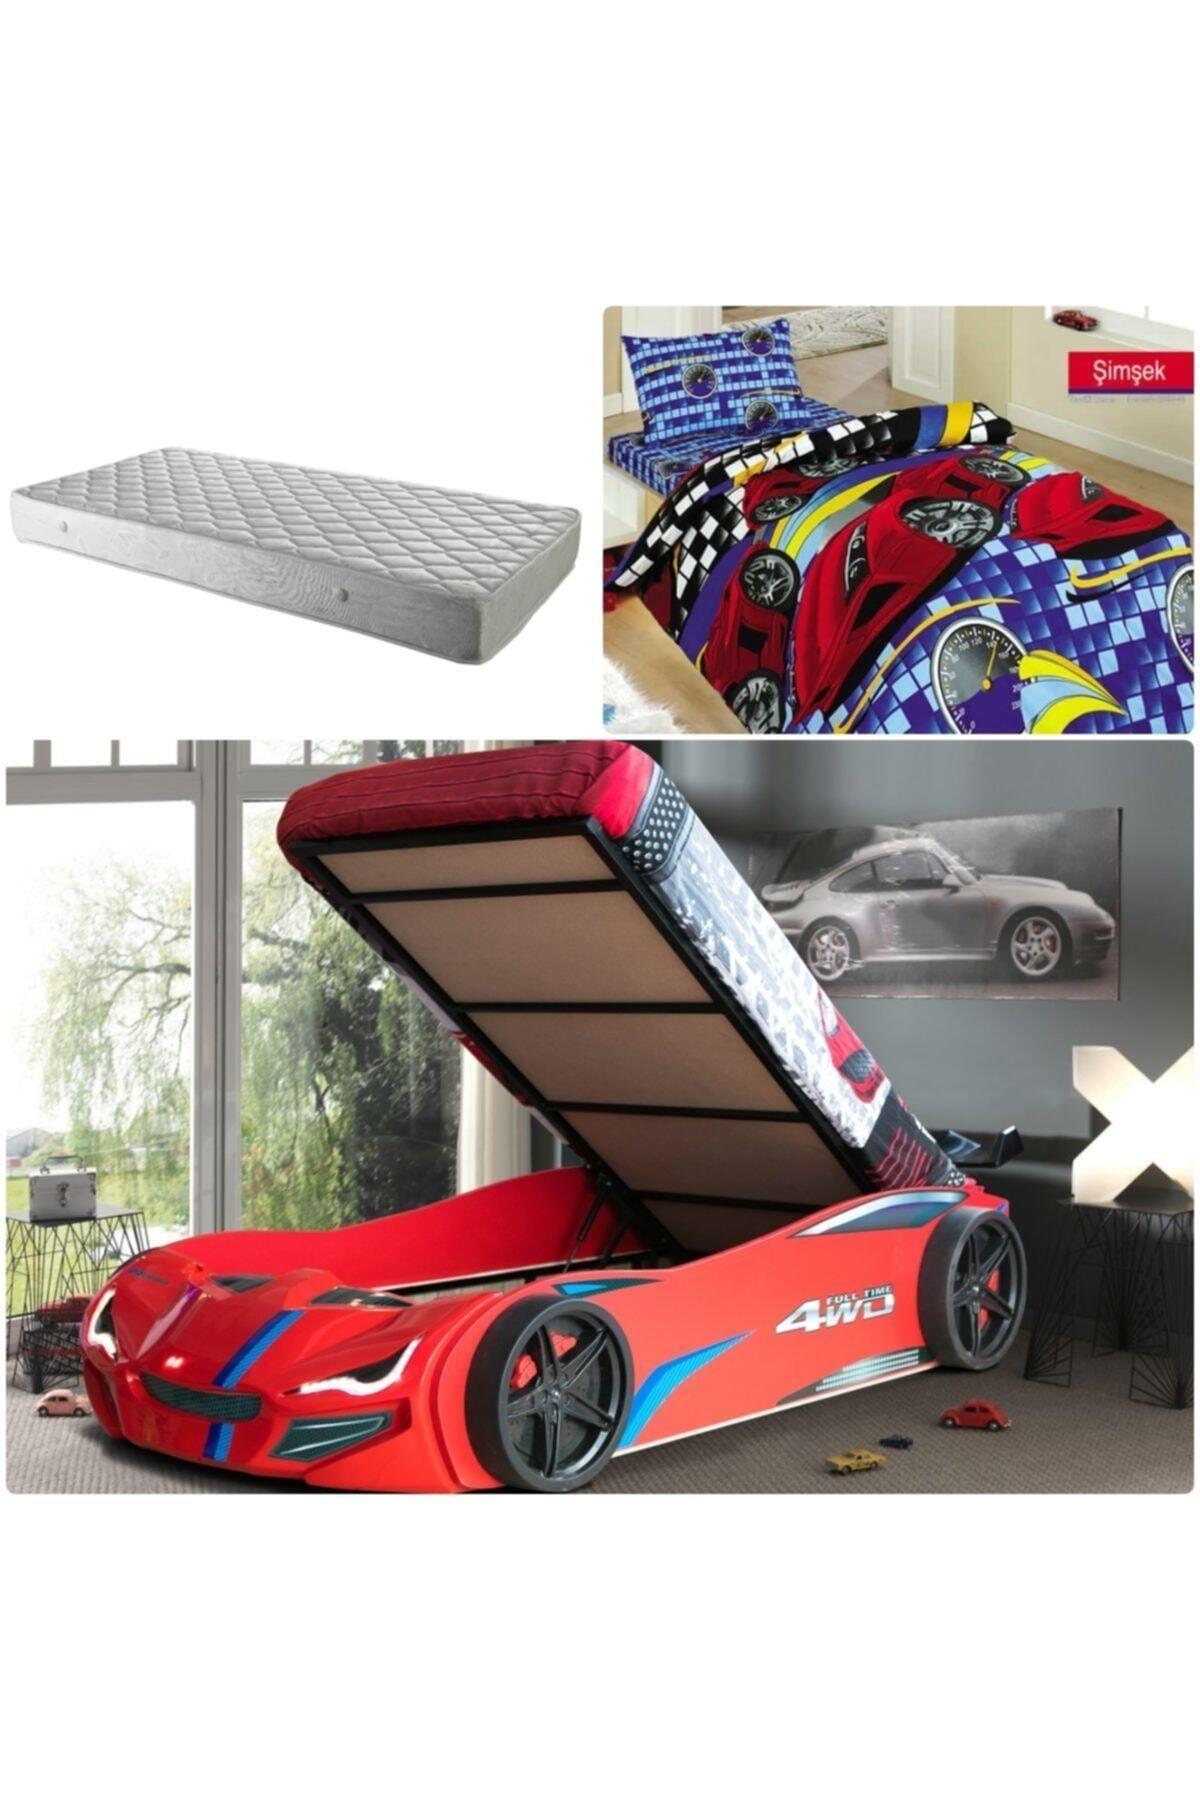 Setay Merso Eko Bazalı Rüzgarlıklı Arabalı Yatak Kırmızı Ortopedik Yatak Nevresim 2